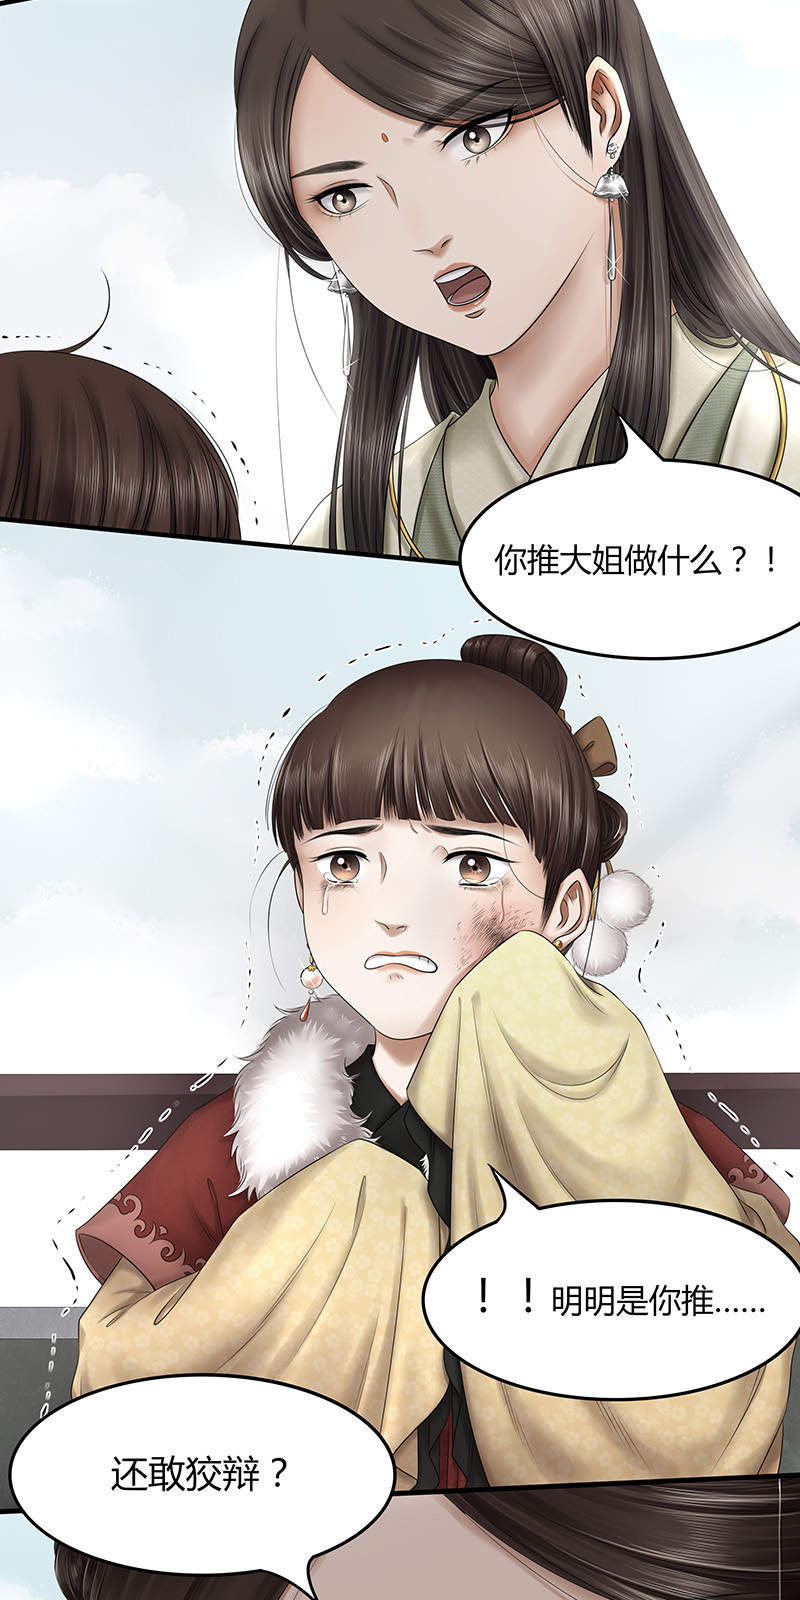 画骨女仵作第51话  落水 第 4